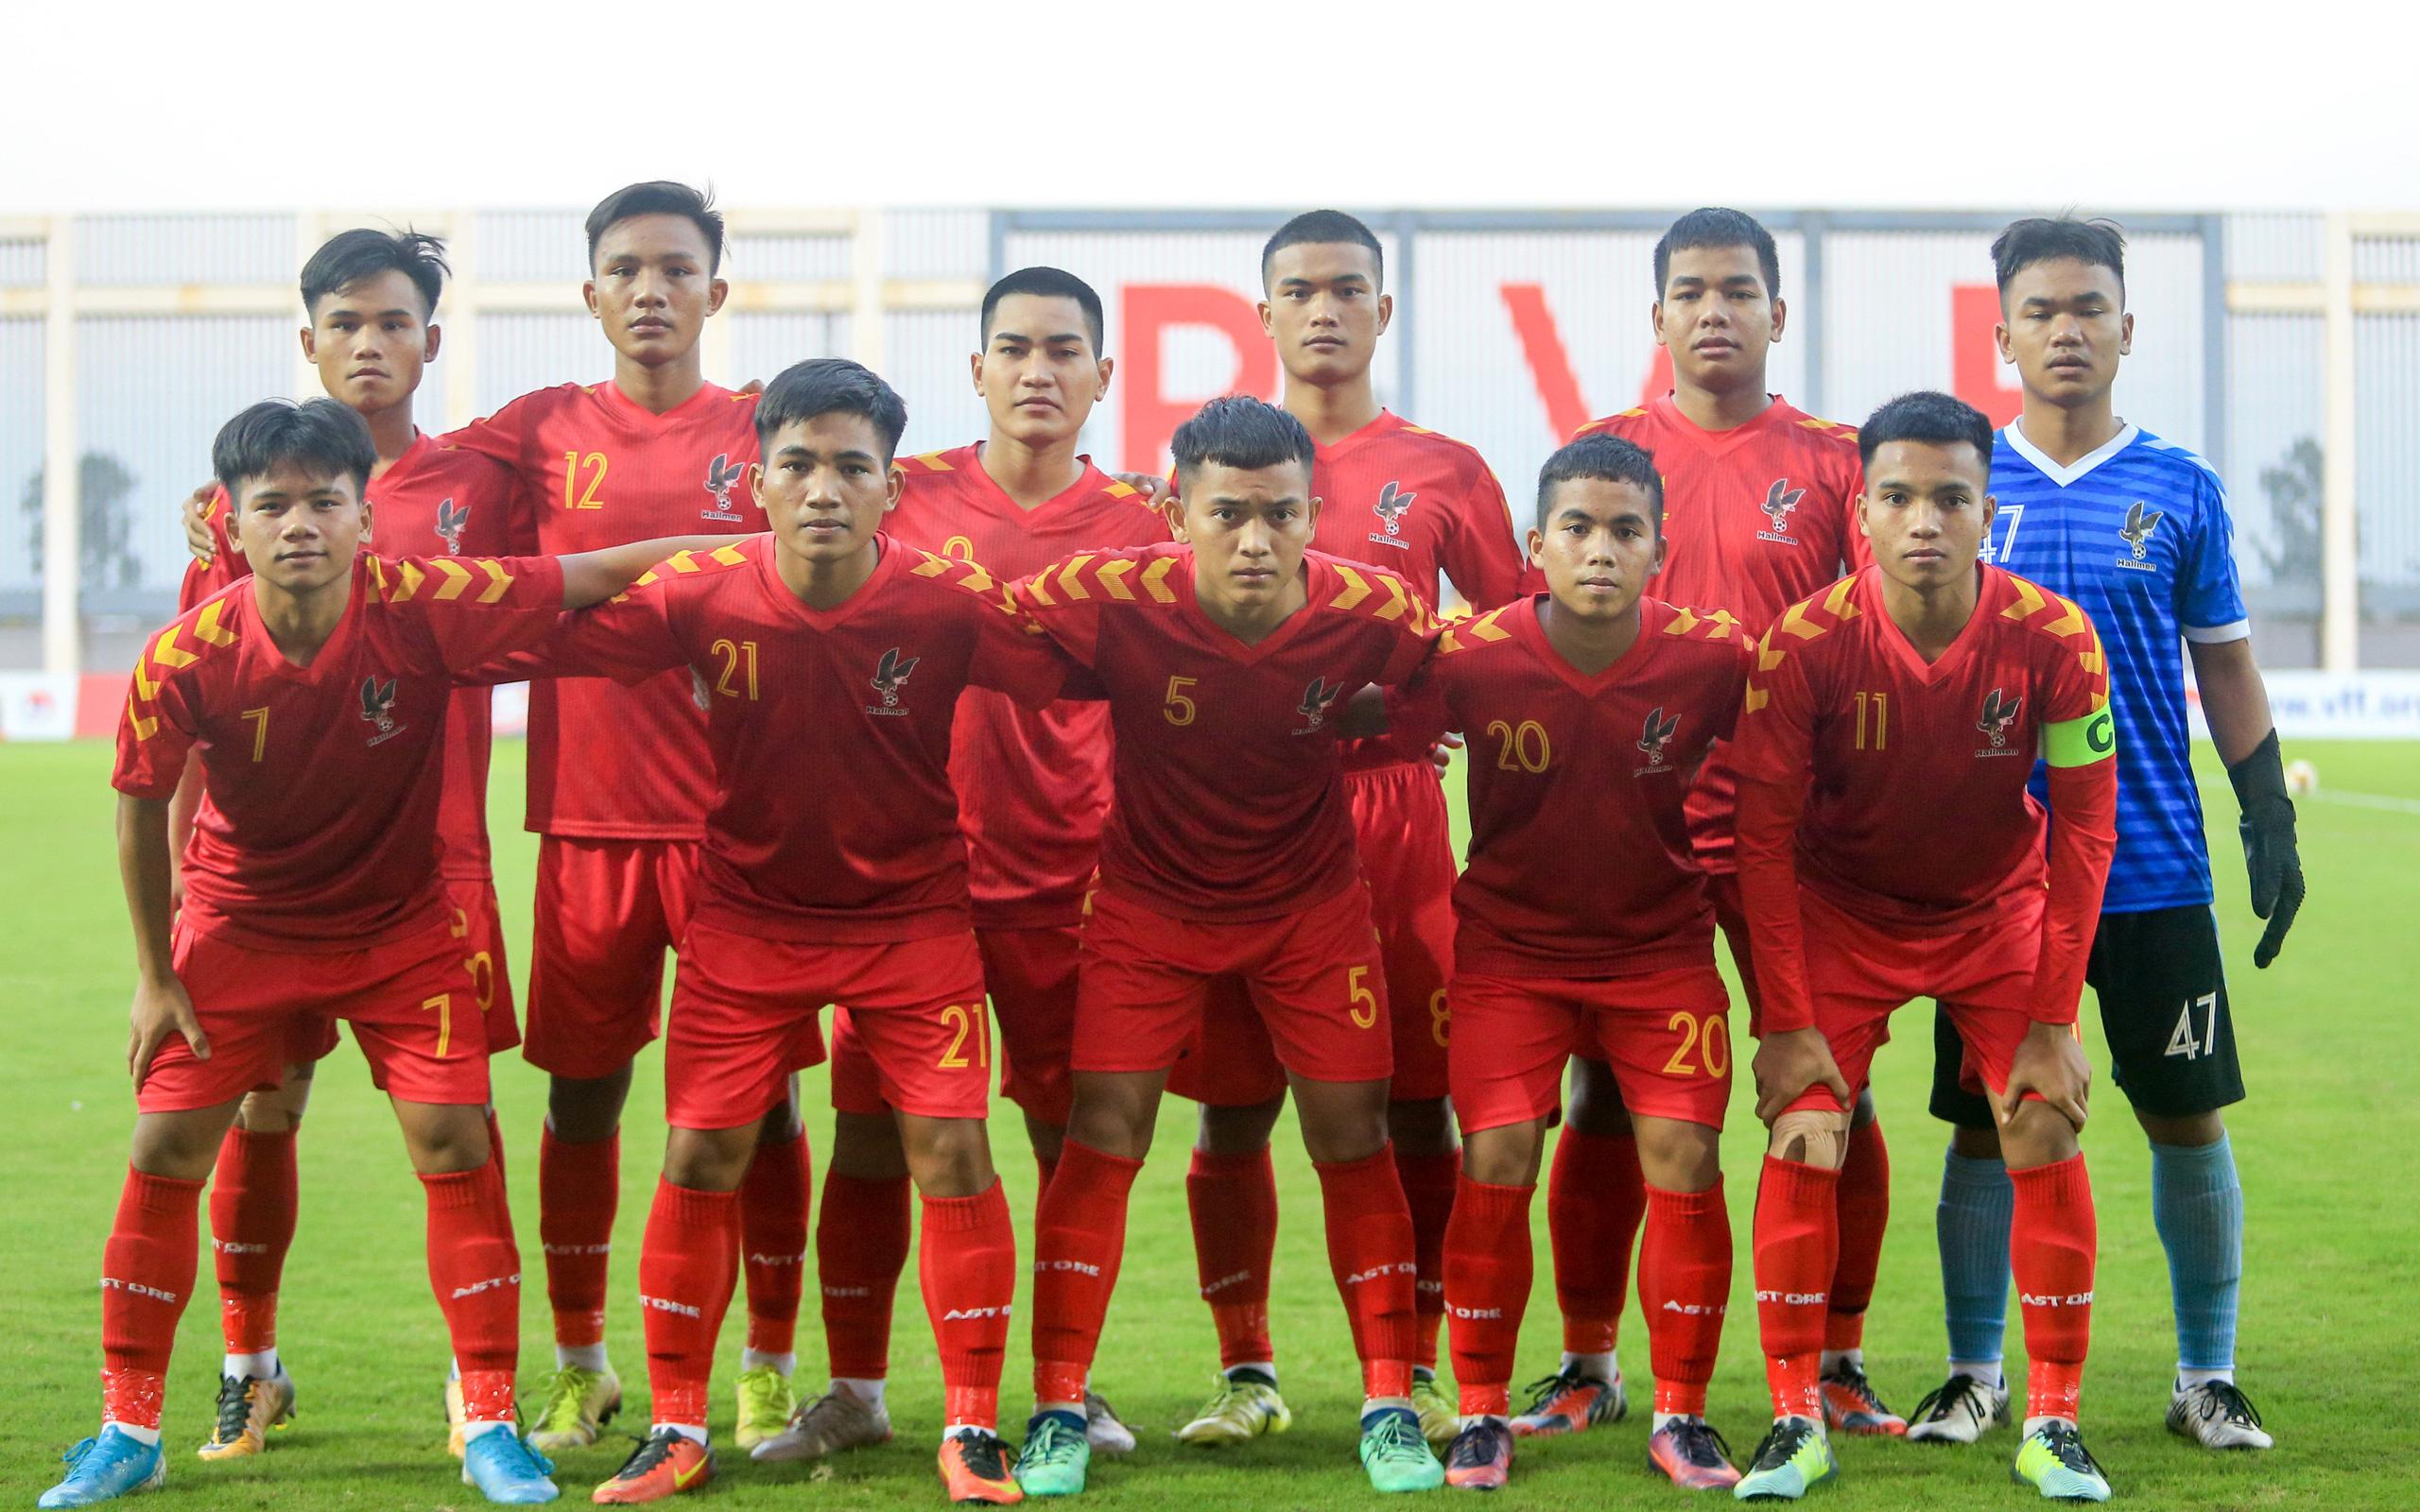 Đội bóng đặc biệt ở U17 Cúp QG: HLV trưởng là bạn thầy Park, gồm toàn cầu thủ dân tộc thiểu số